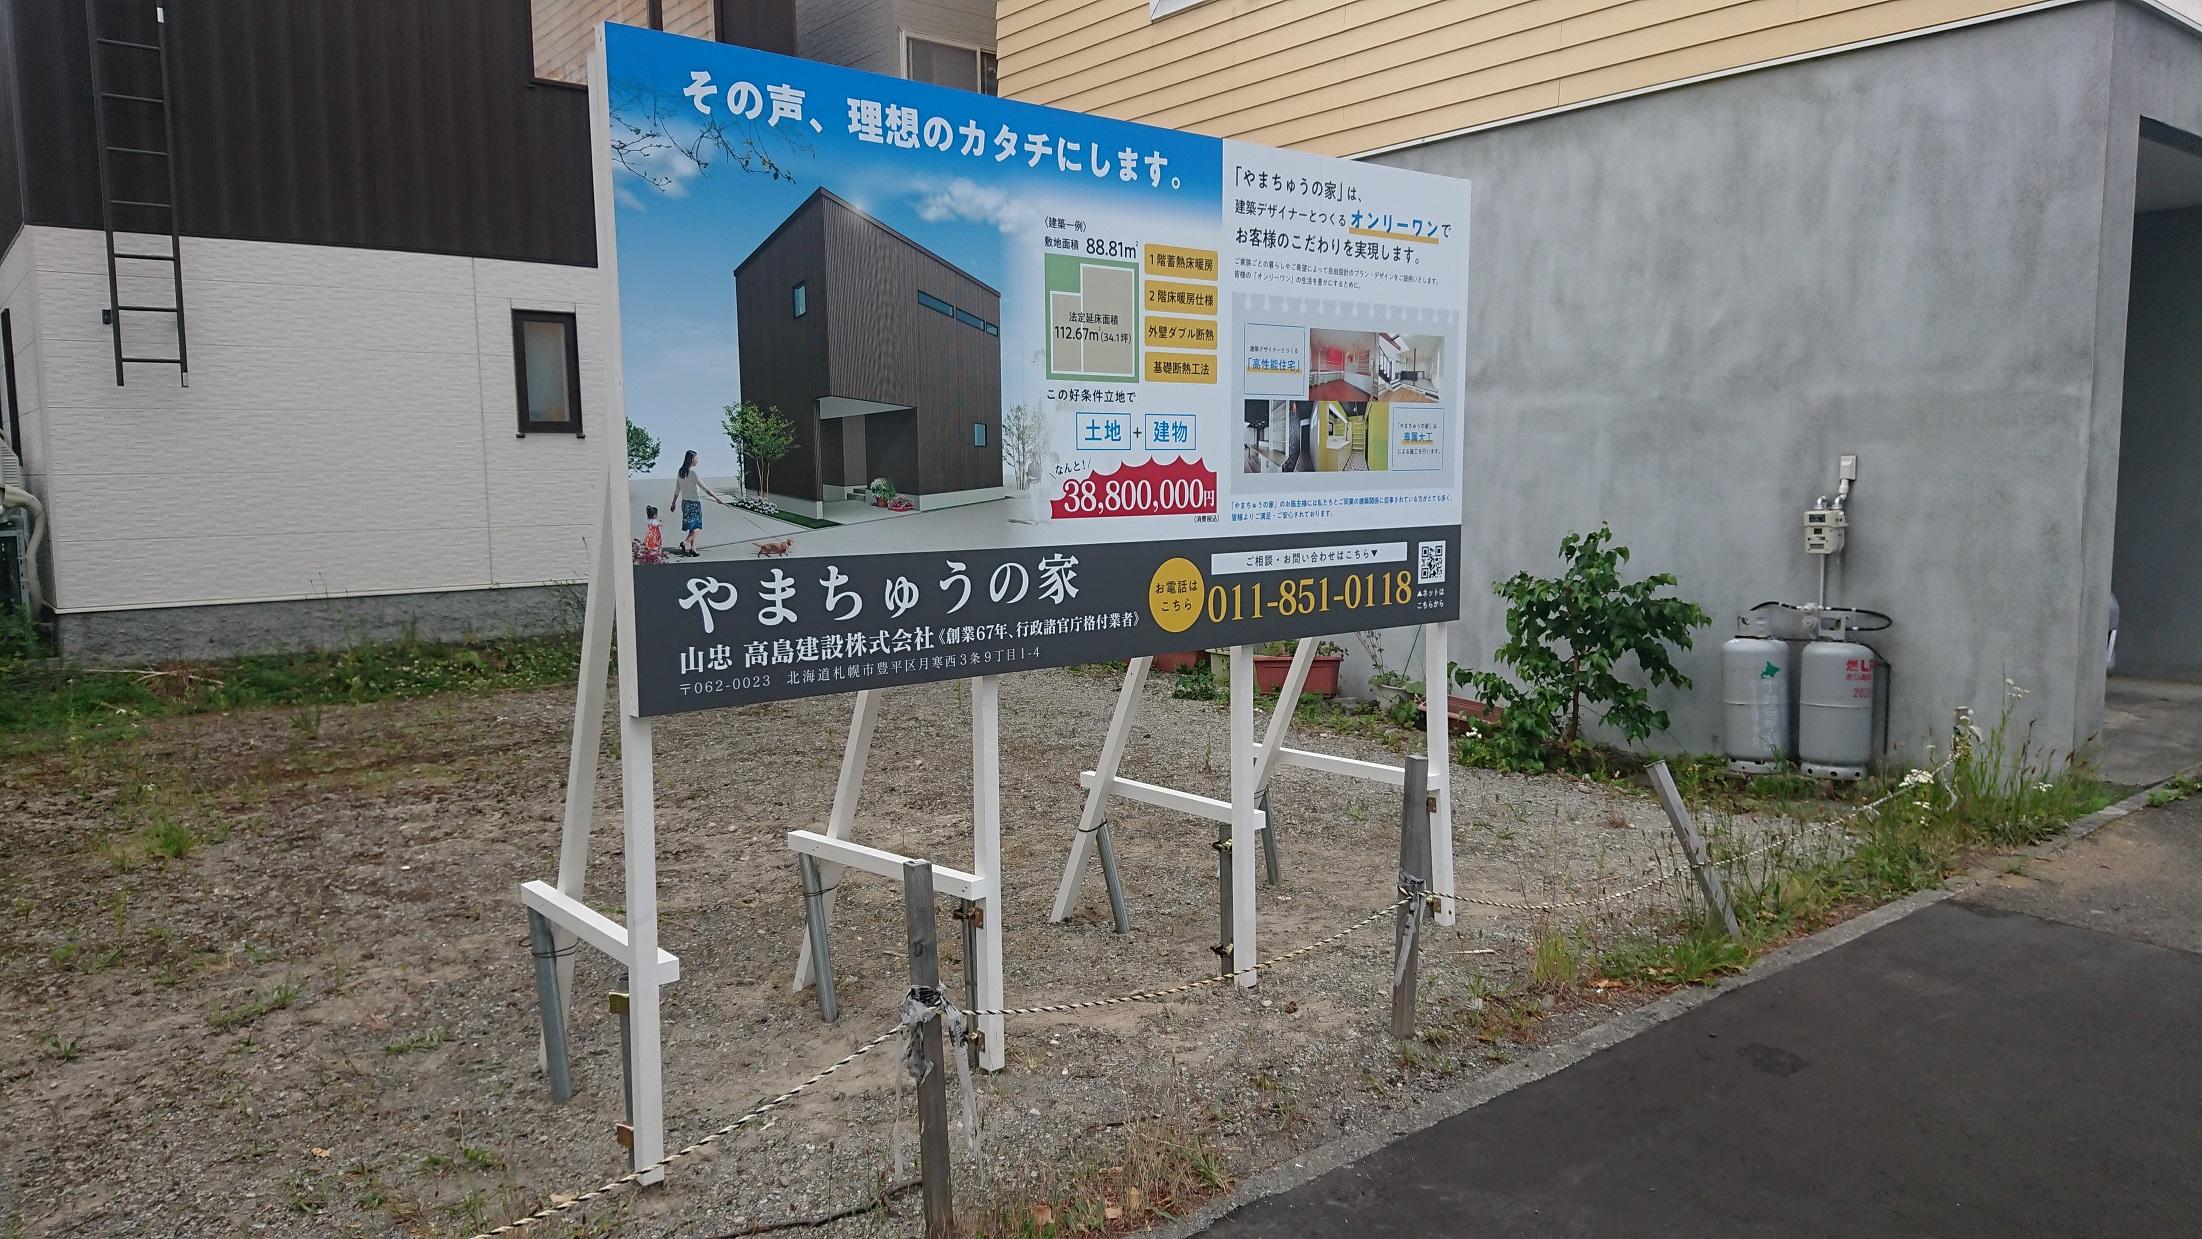 山忠高島建設株式会社 様画像